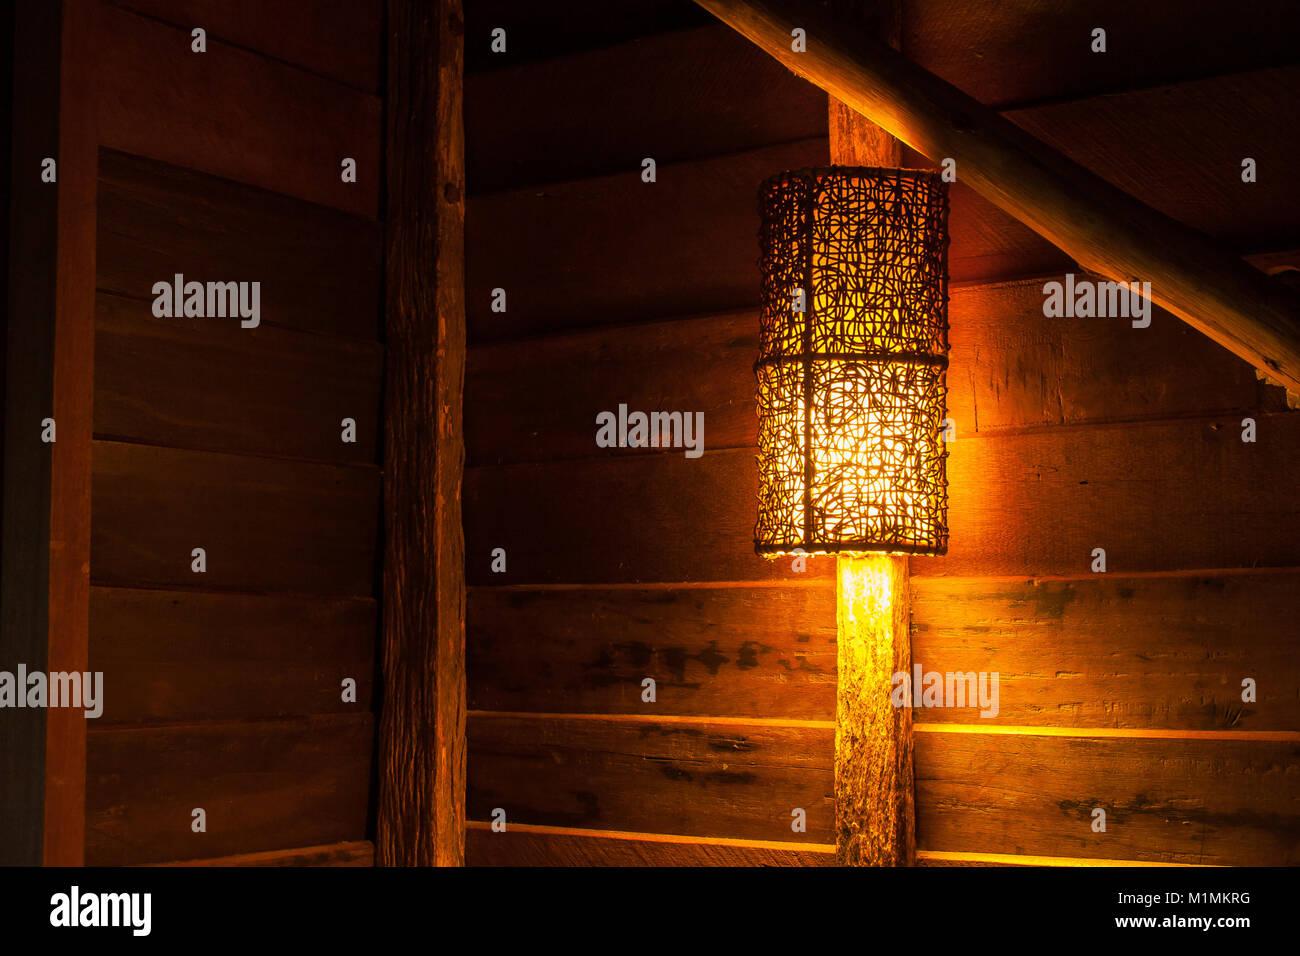 Plafoniere Da Parete In Legno : Illuminazione lampade da parete ottone interno classico